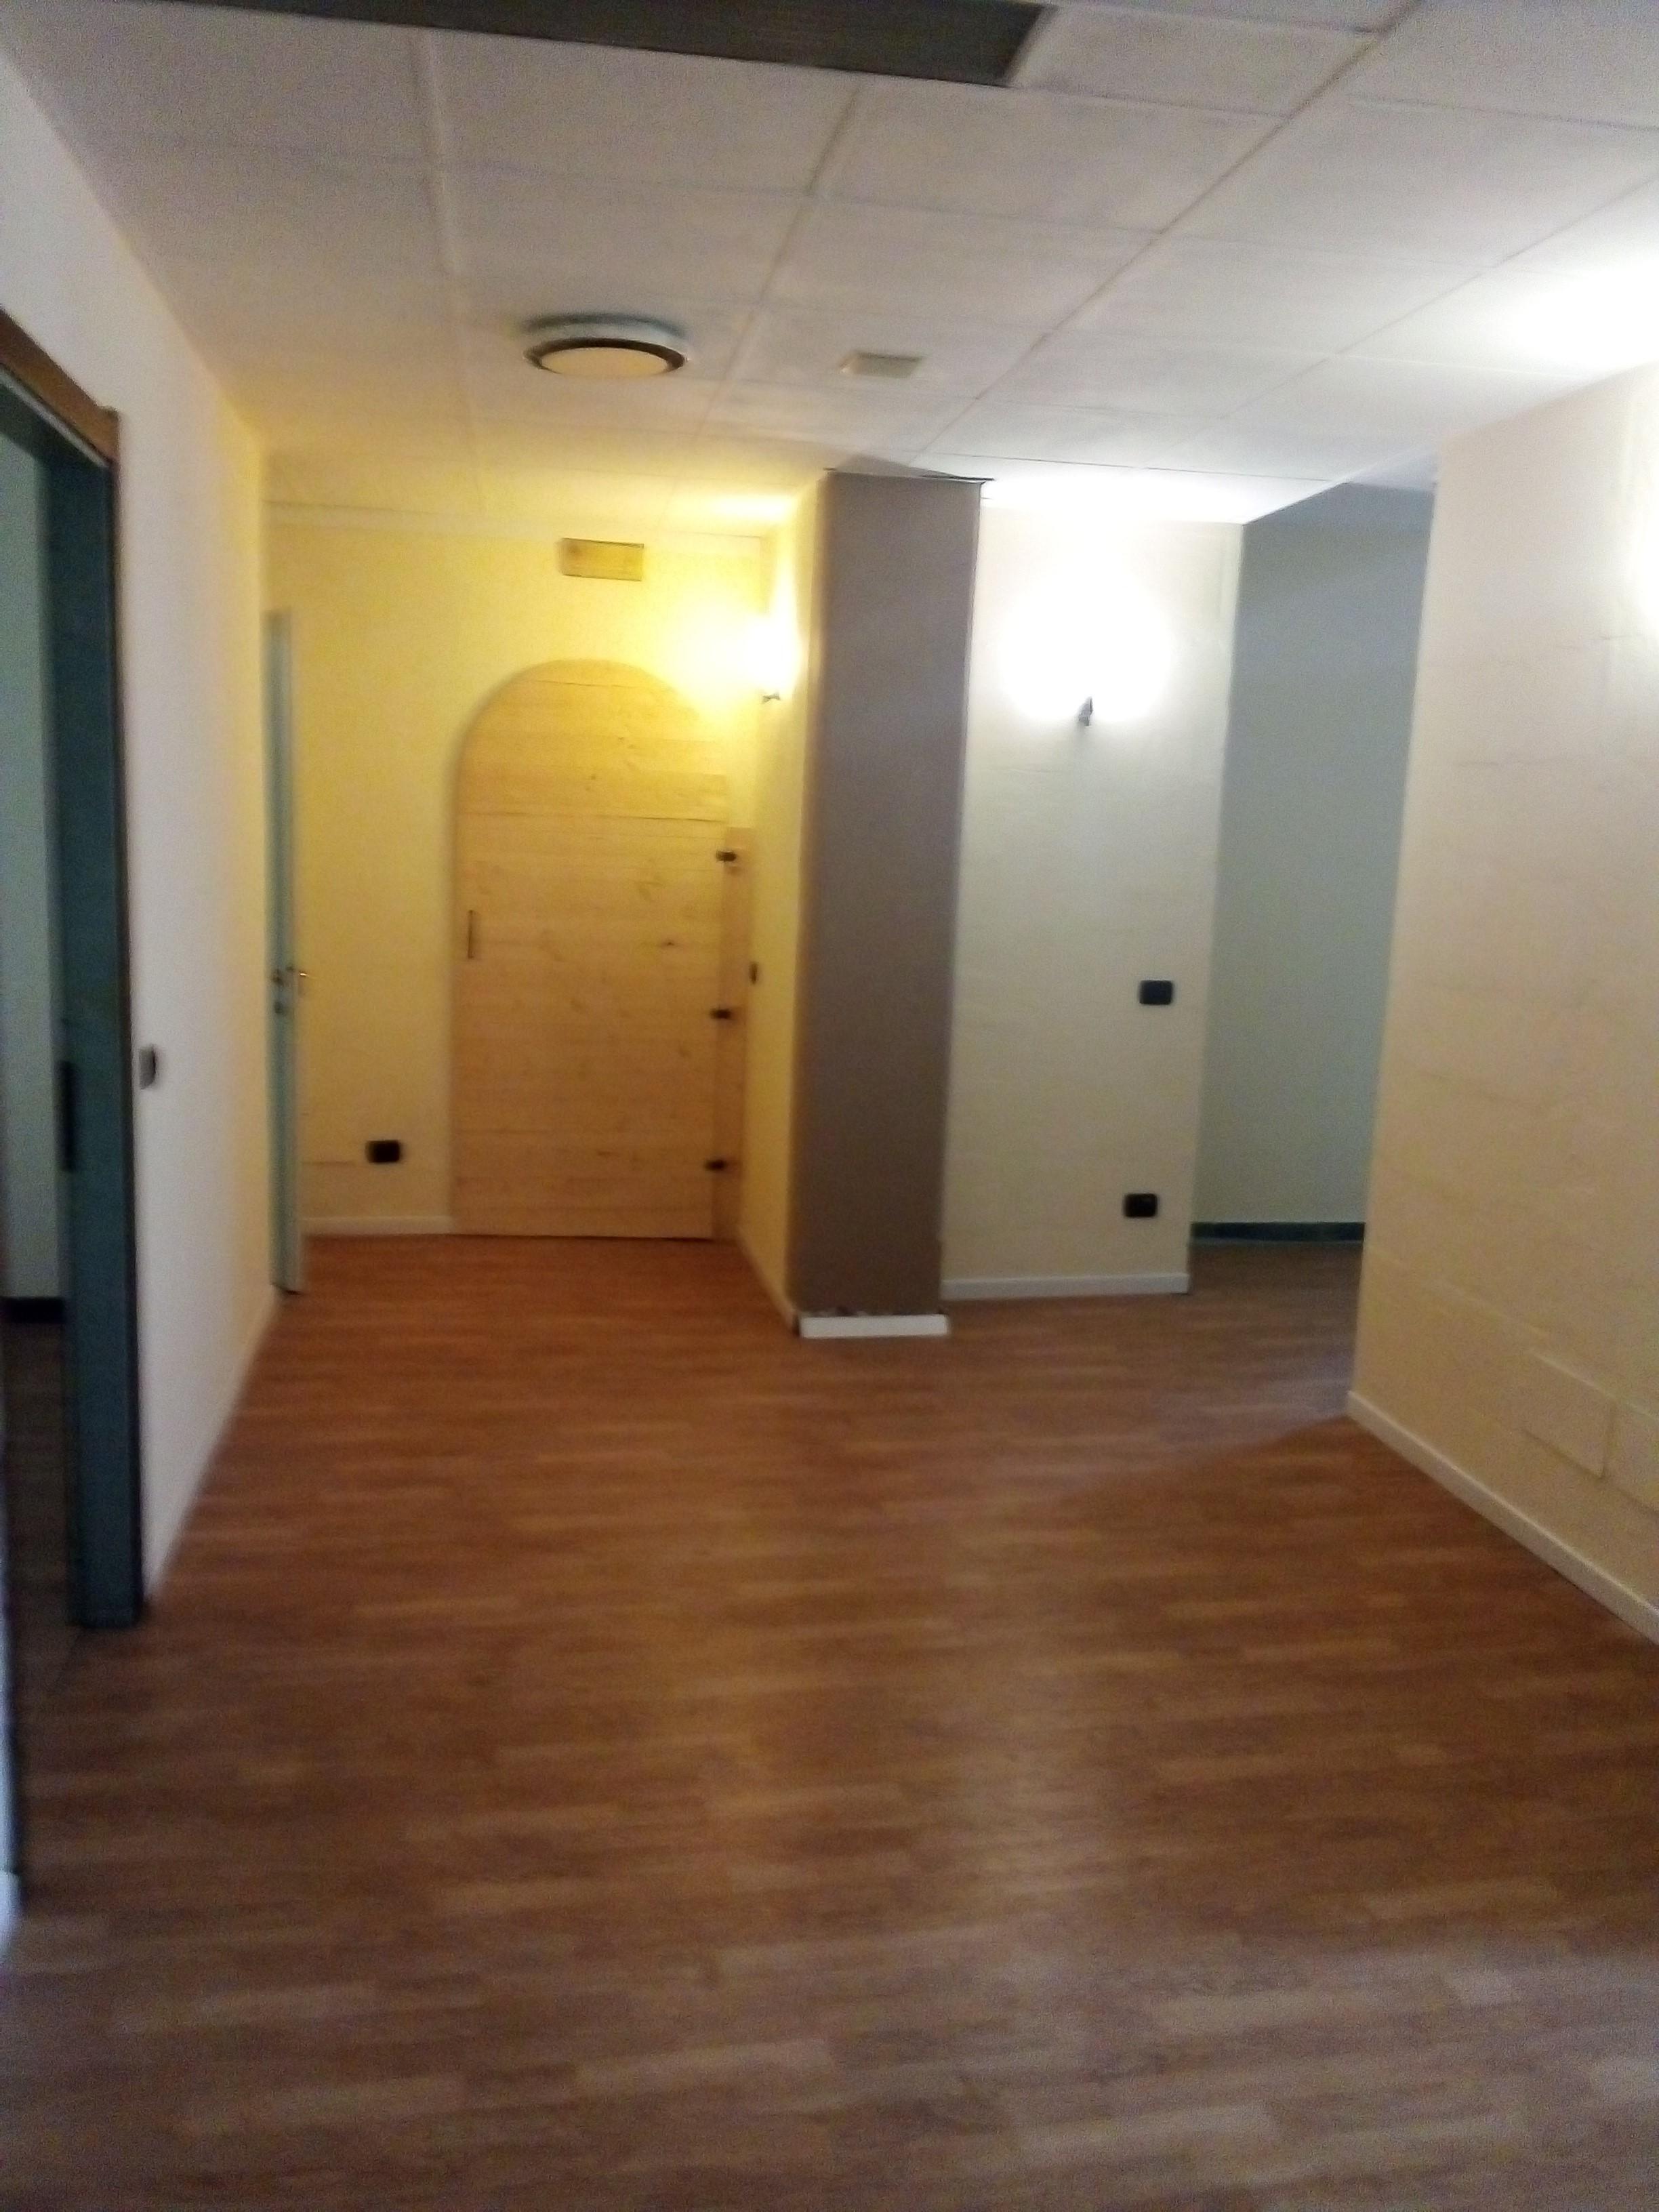 AFFITTASI – ampio spazio ex centro benessere – vari usi – Rif. 898